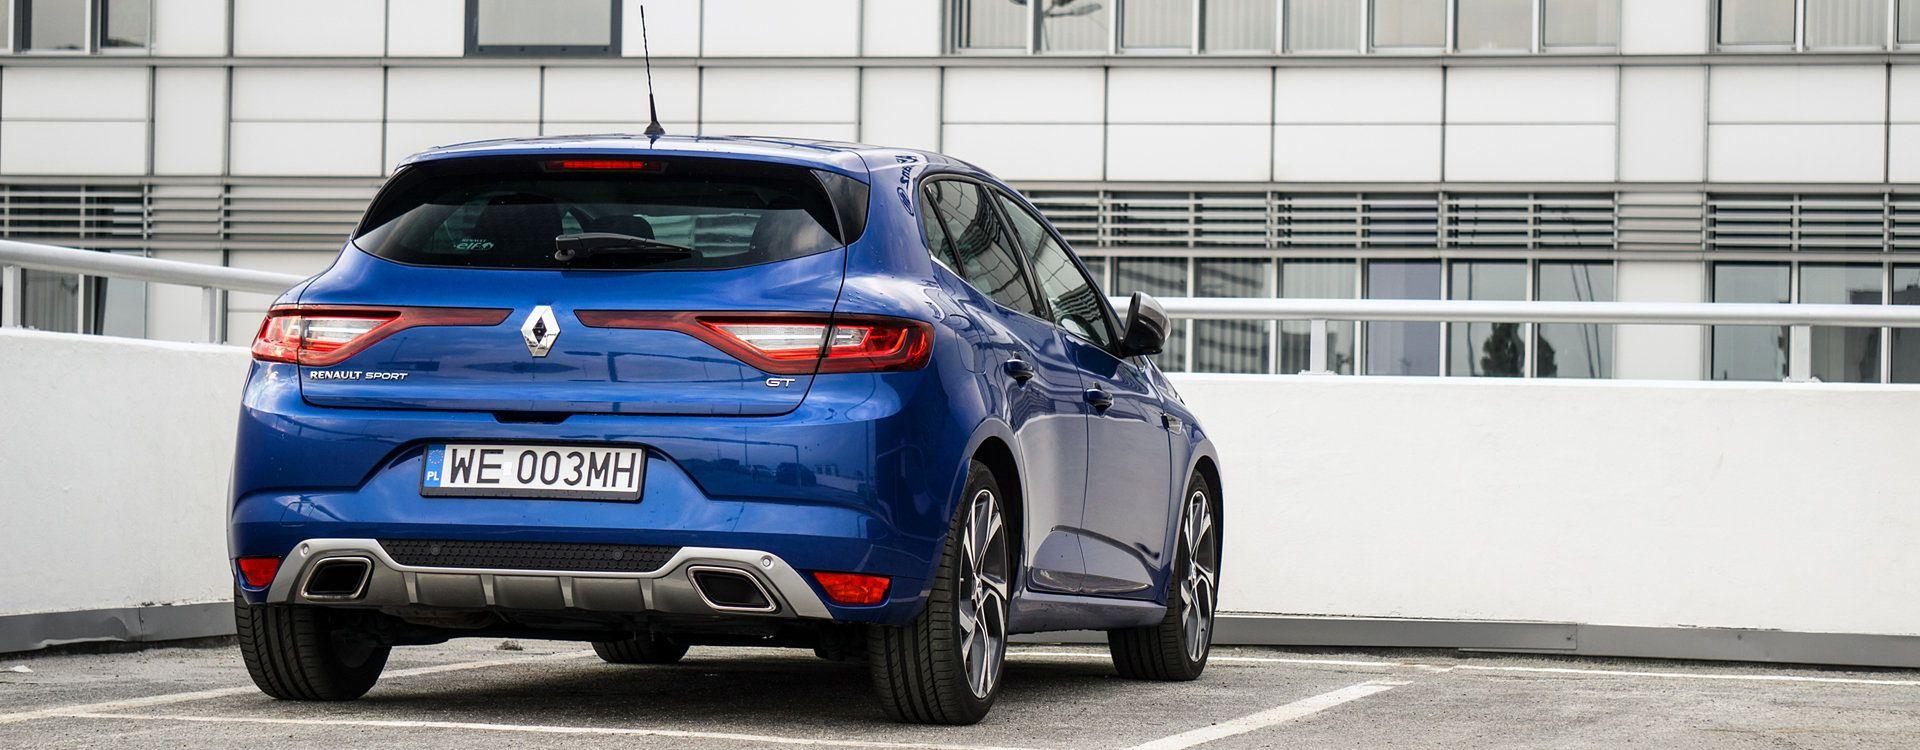 Sportowe dodatki to w dzisiejszych czasach codzienność, nawet w samochodach mających ze sportem niewiele wspólnego. Megane GT pozostawia nadzieję, bo pod projektem podpisało się Renault Sport.